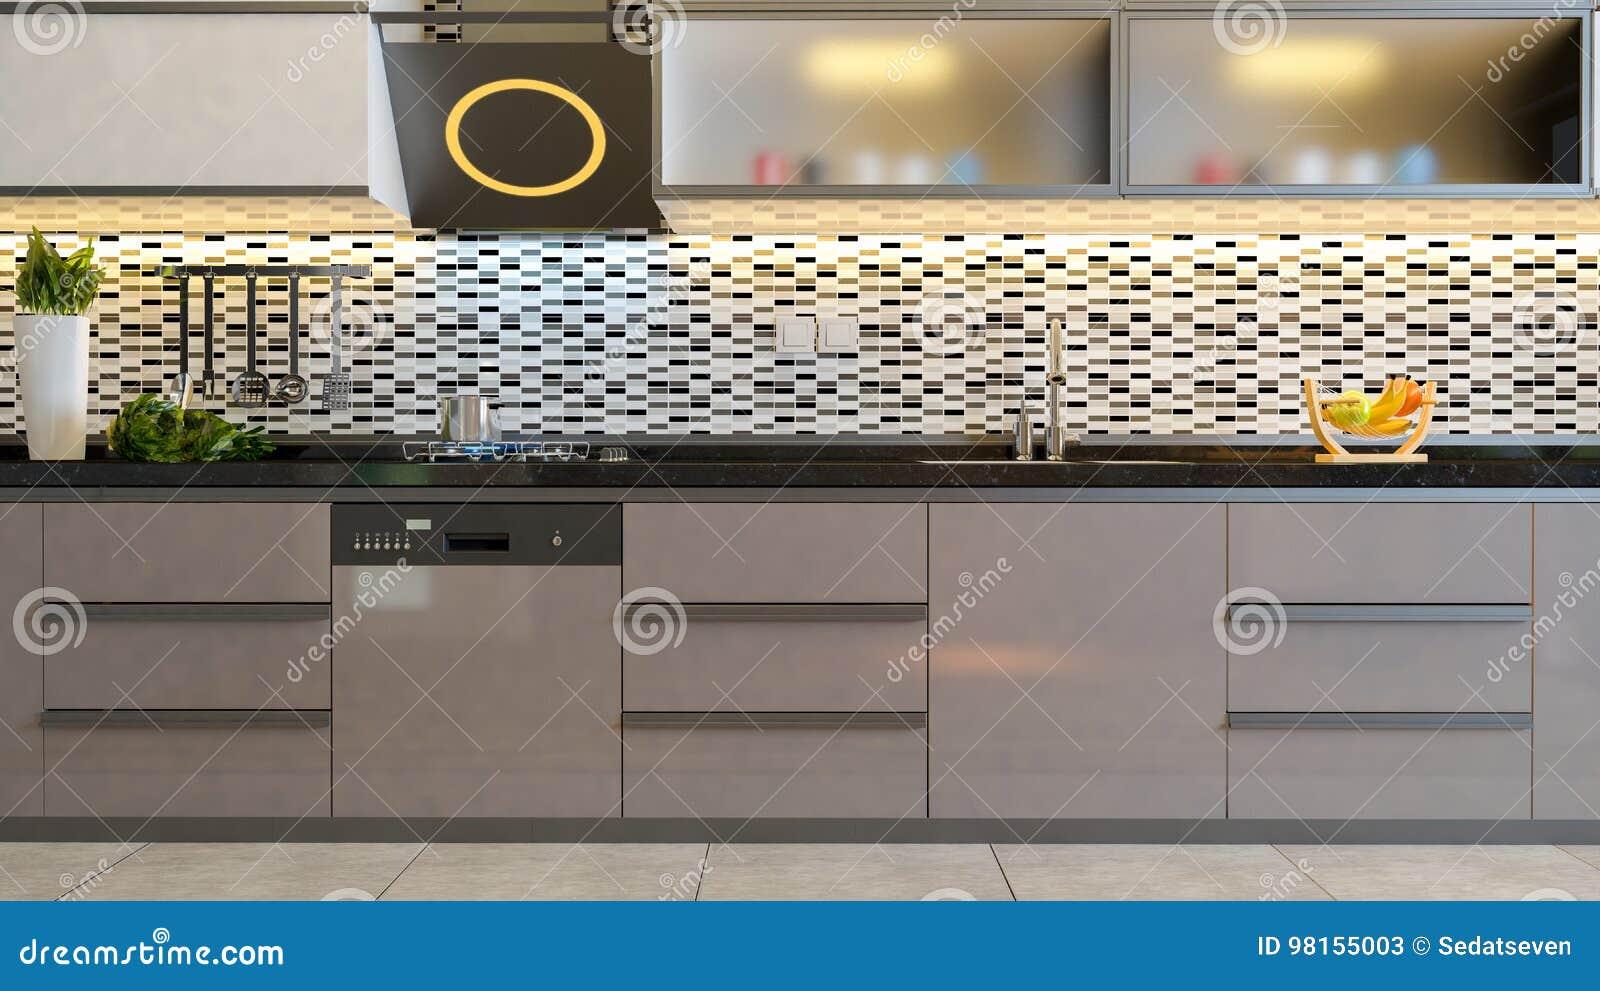 Cappuccino Color Brown Kitchen Design Idea Stock Illustration